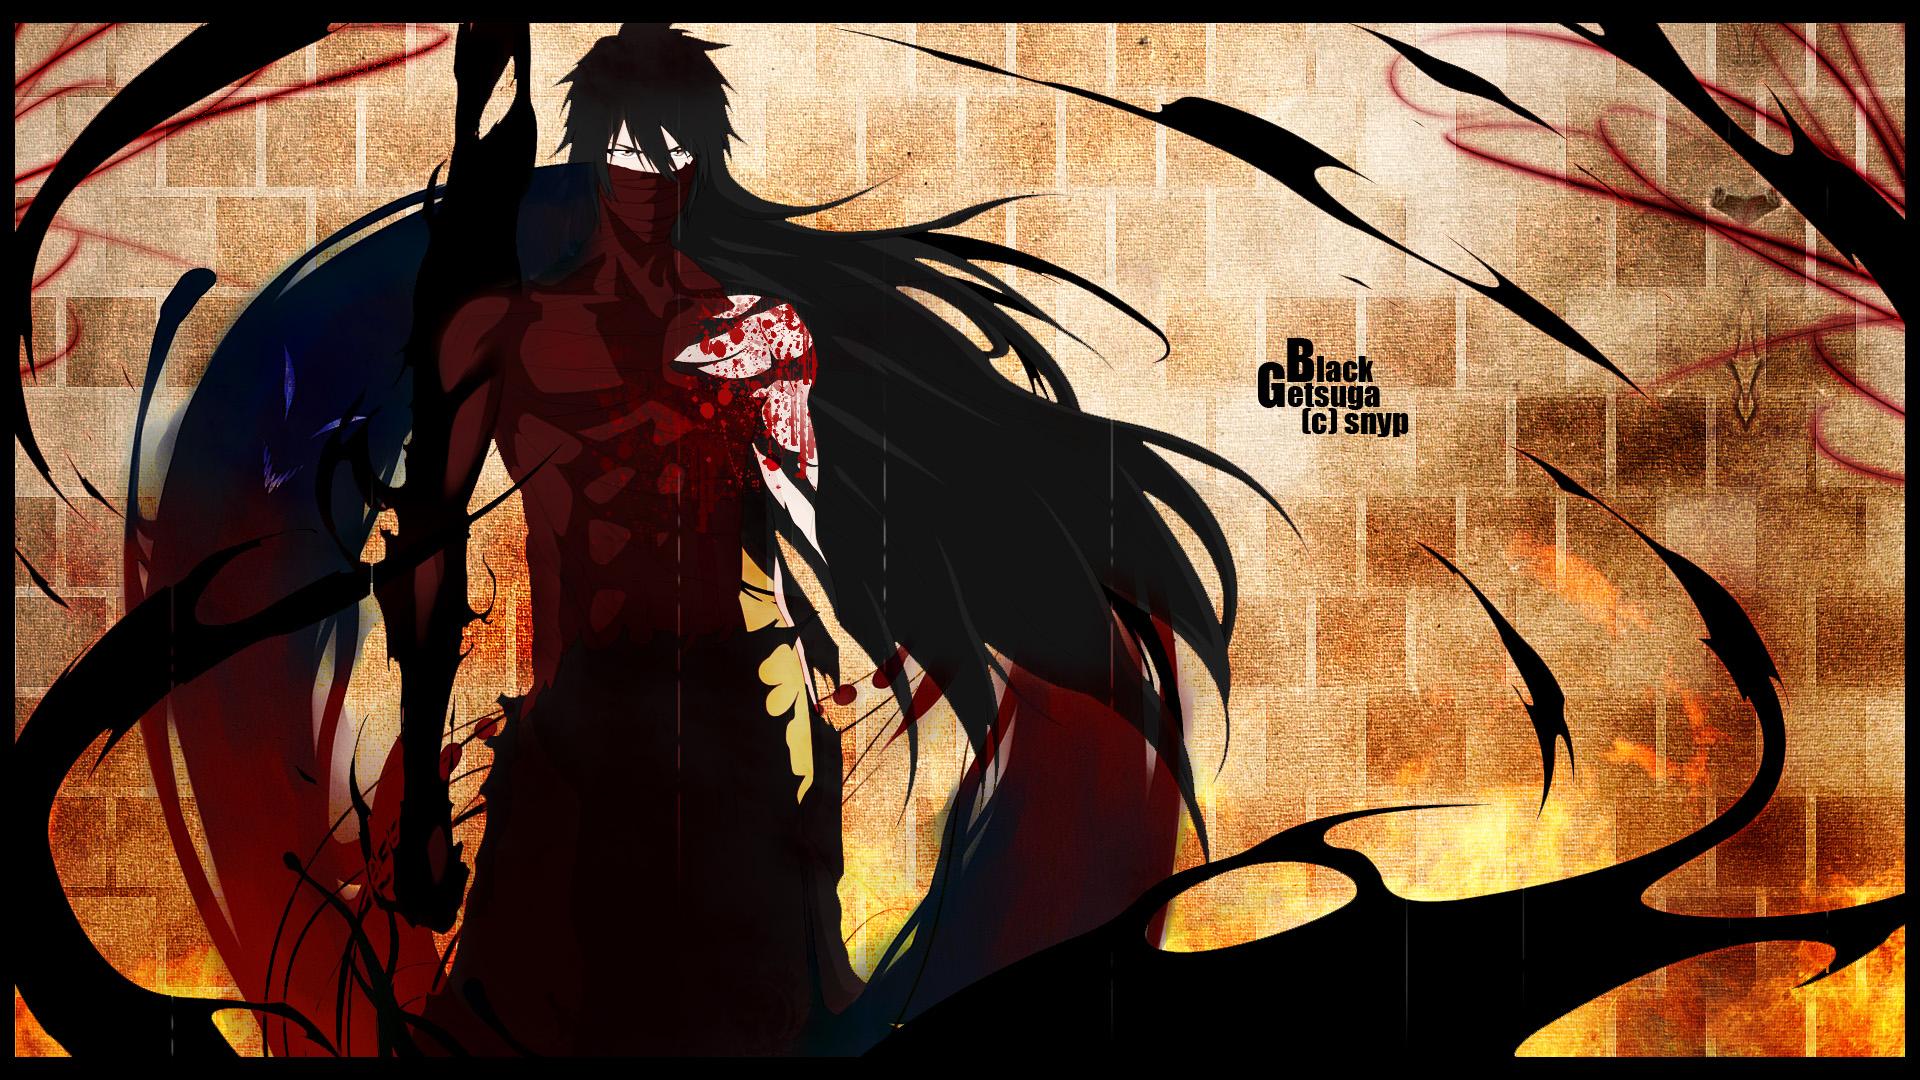 Tags Anime BLEACH Kurosaki Ichigo Mugetsu Facebook Cover